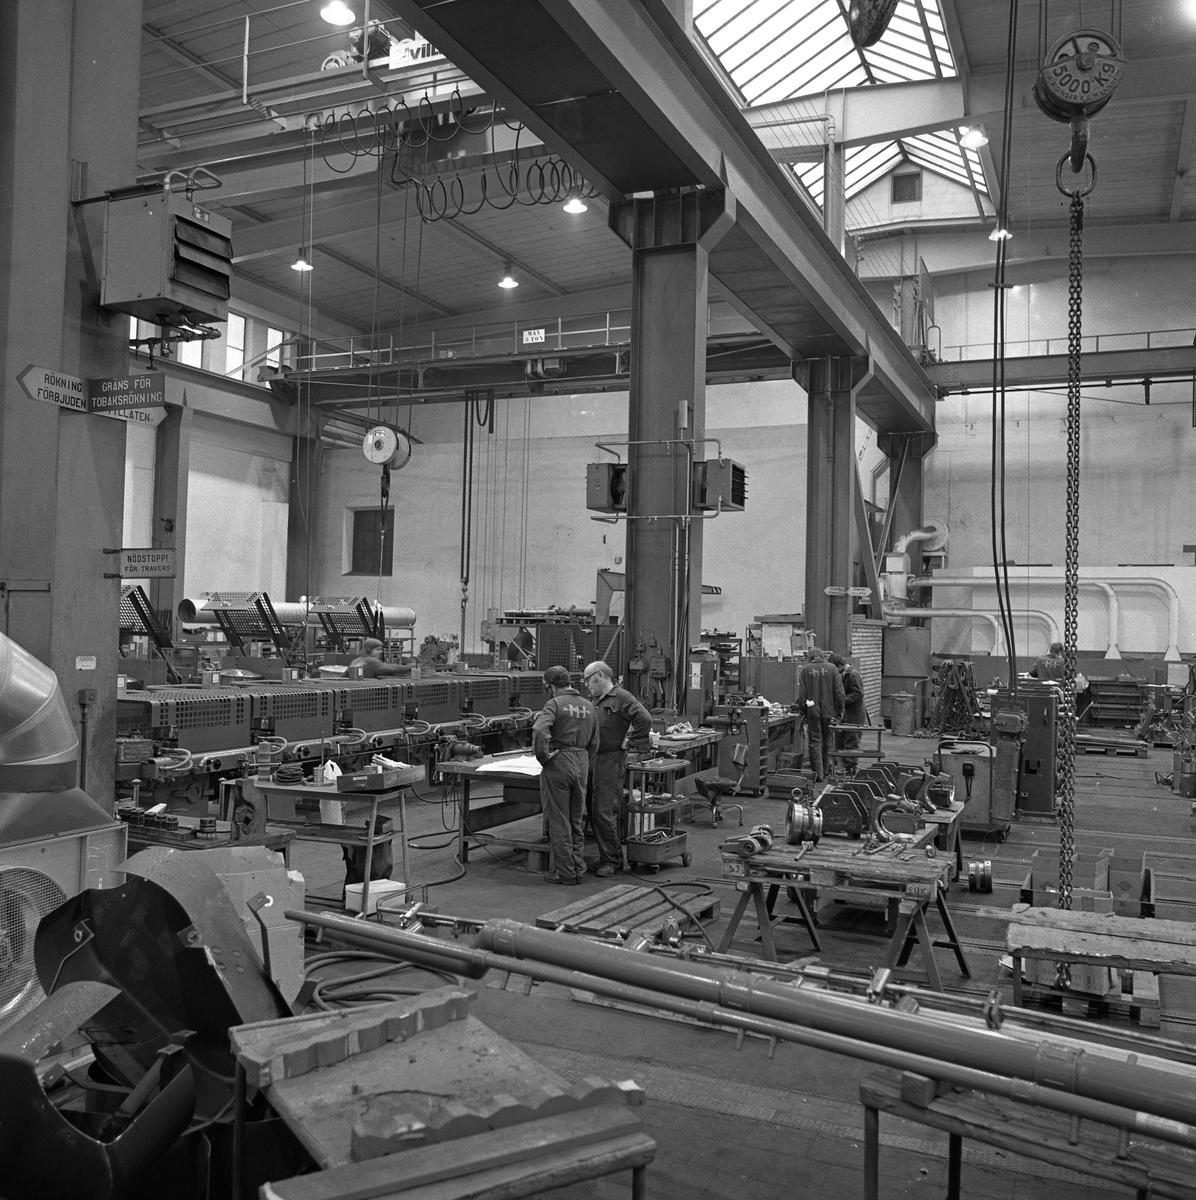 Arboga Mekaniska Verkstad, Meken, interiör. Några män, iklädda overaller, arbetar med maskiner i en stor fabrikslokal. Det hänger traverser i taket.  25 september 1856 fick AB Arboga Mekaniska Verkstad rättigheter att anlägga järngjuteri och mekanisk verkstad. Verksamheten startade 1858. Meken var först i landet med att installera en elektrisk motor för drift av verktygsmaskiner vid en taktransmission (1887).  Gjuteriet lades ner 1967. Den mekaniska verkstaden lades ner på 1980-talet. Läs om Meken i Hembygdsföreningen Arboga Minnes årsbok från 1982.